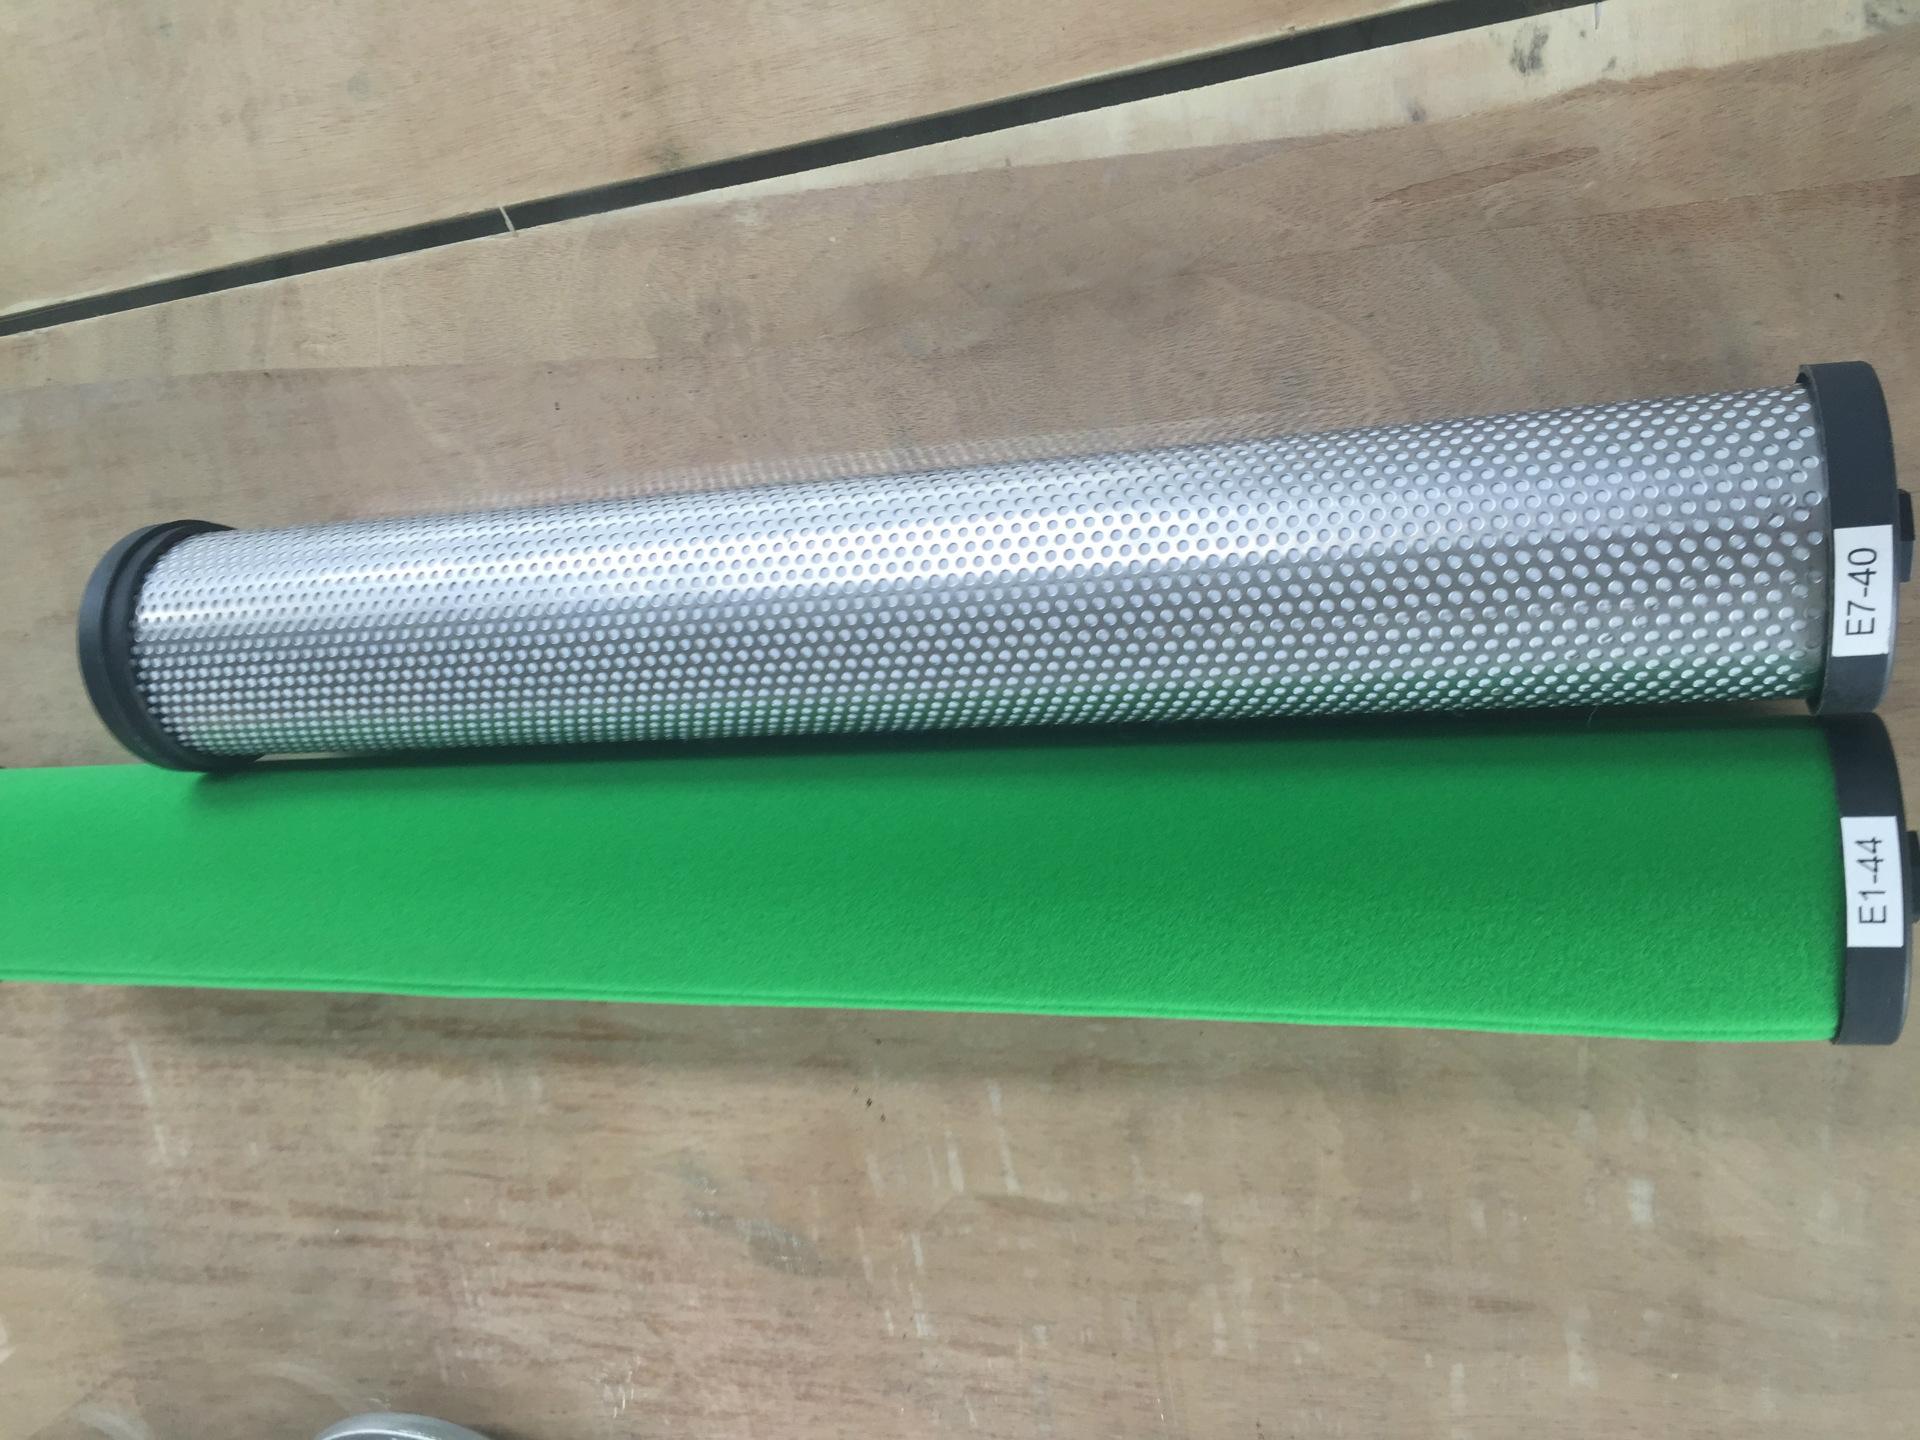 厂家正品 批发打折 精密滤芯汉克森 E44图片